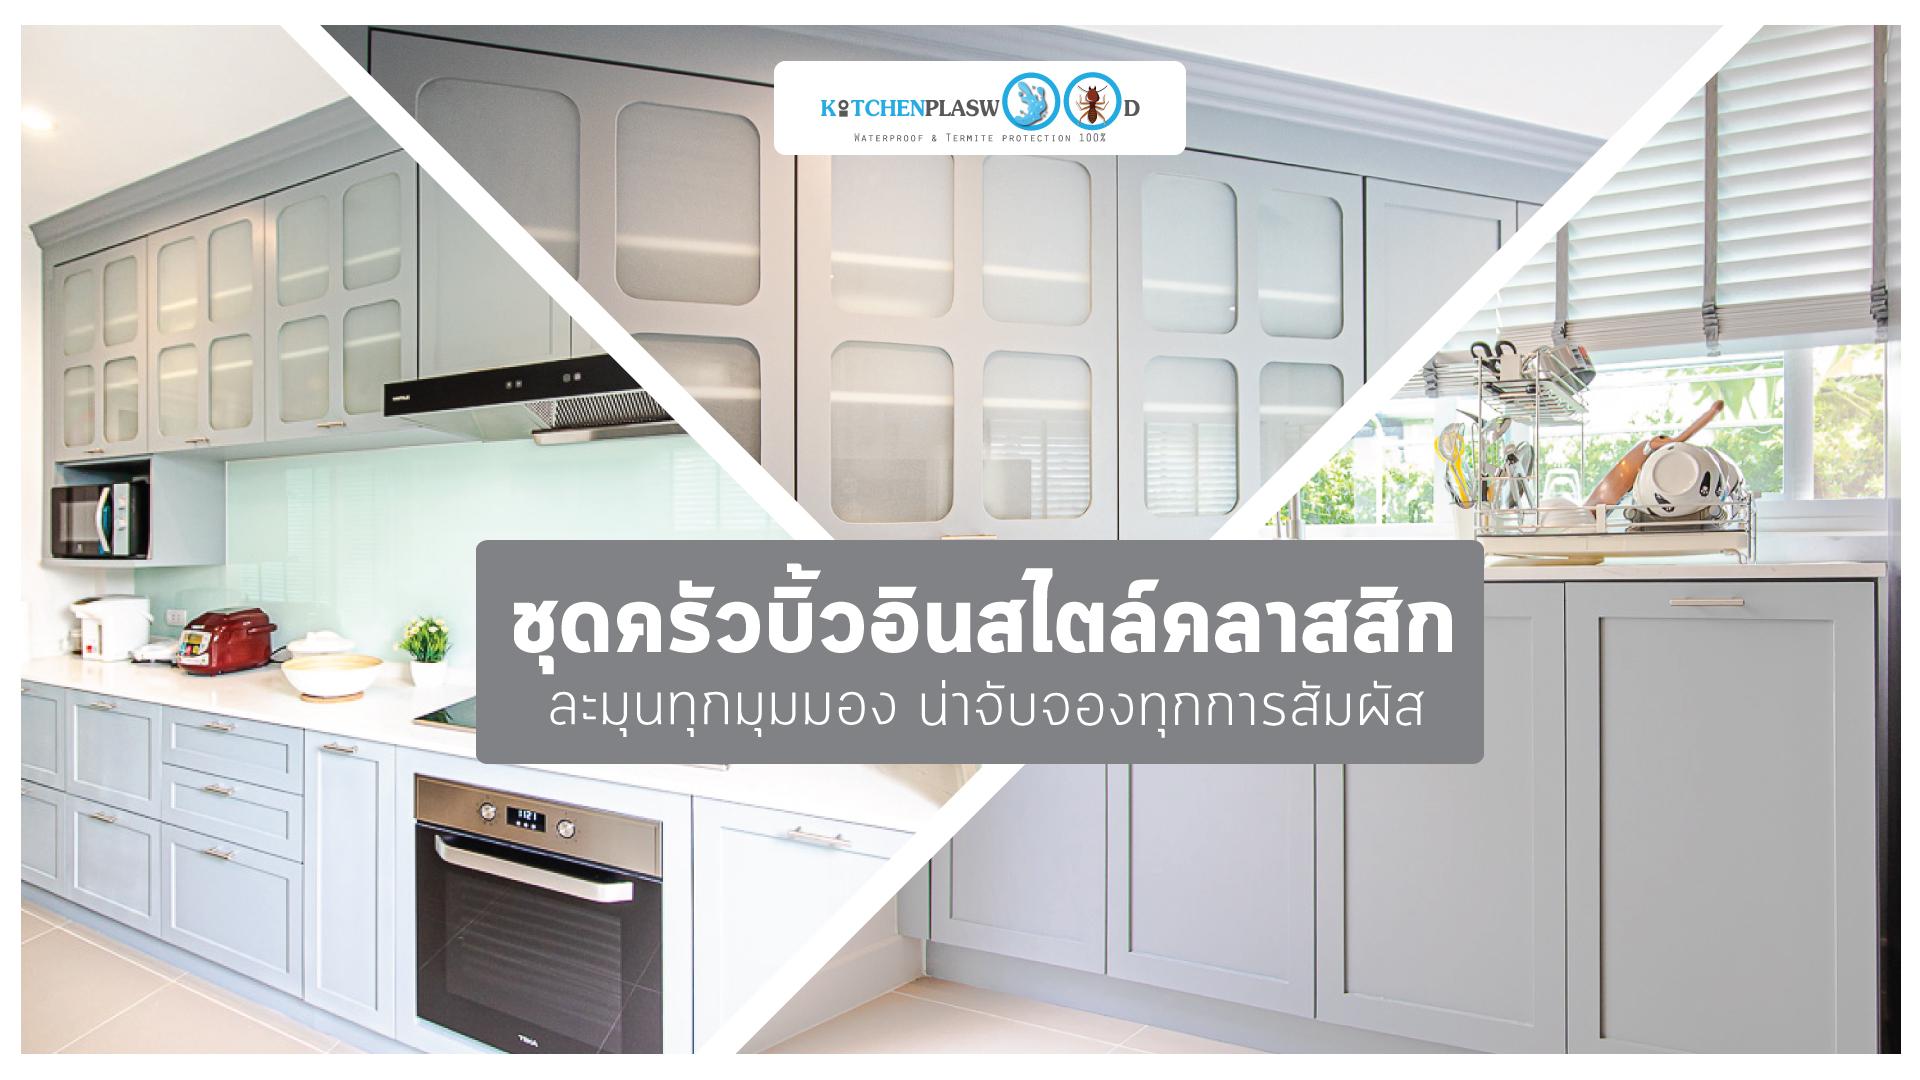 ชุดครัวบิ้วอินสาย Classic Kitchen I Shape 2 ฝั่ง สุดน่ารัก, ครัวตัวไอ, ชุดครัวบิ้วอิน,